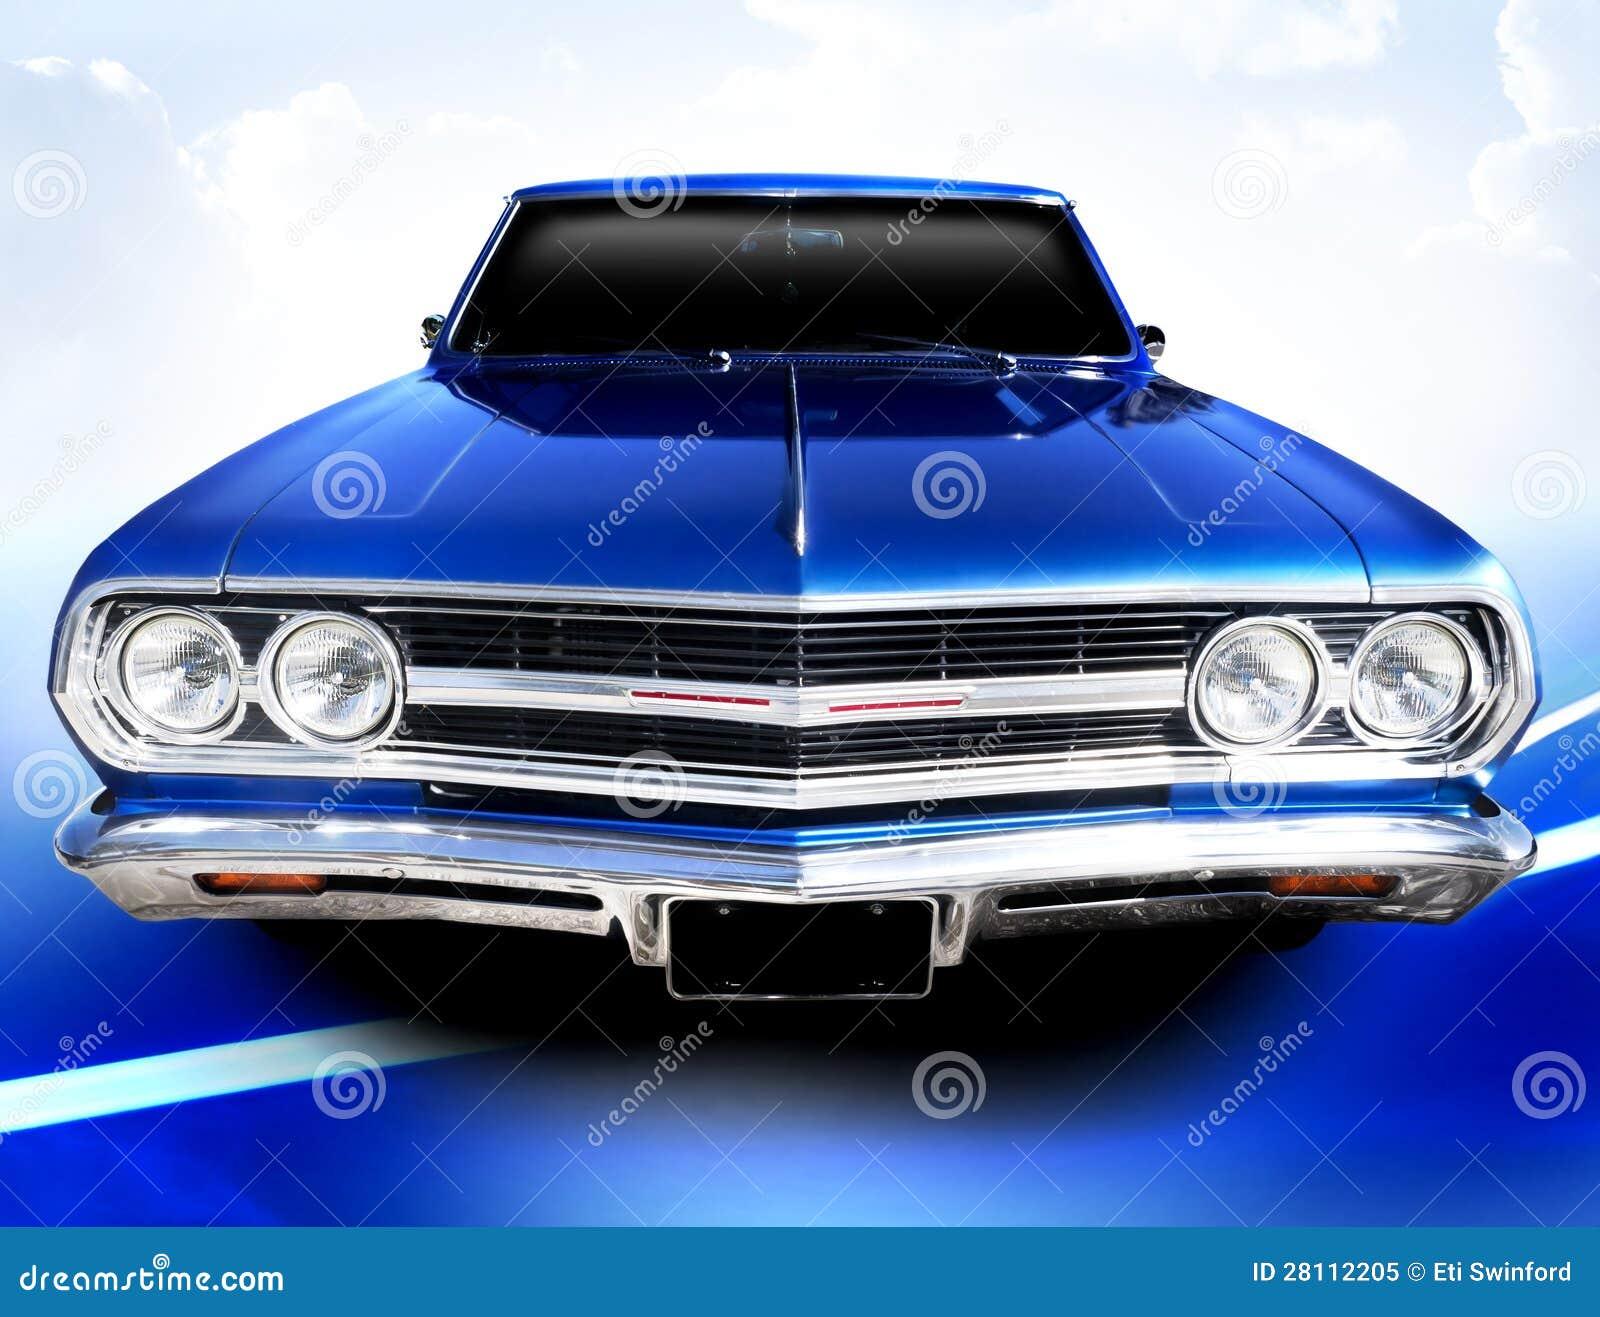 blue car classic